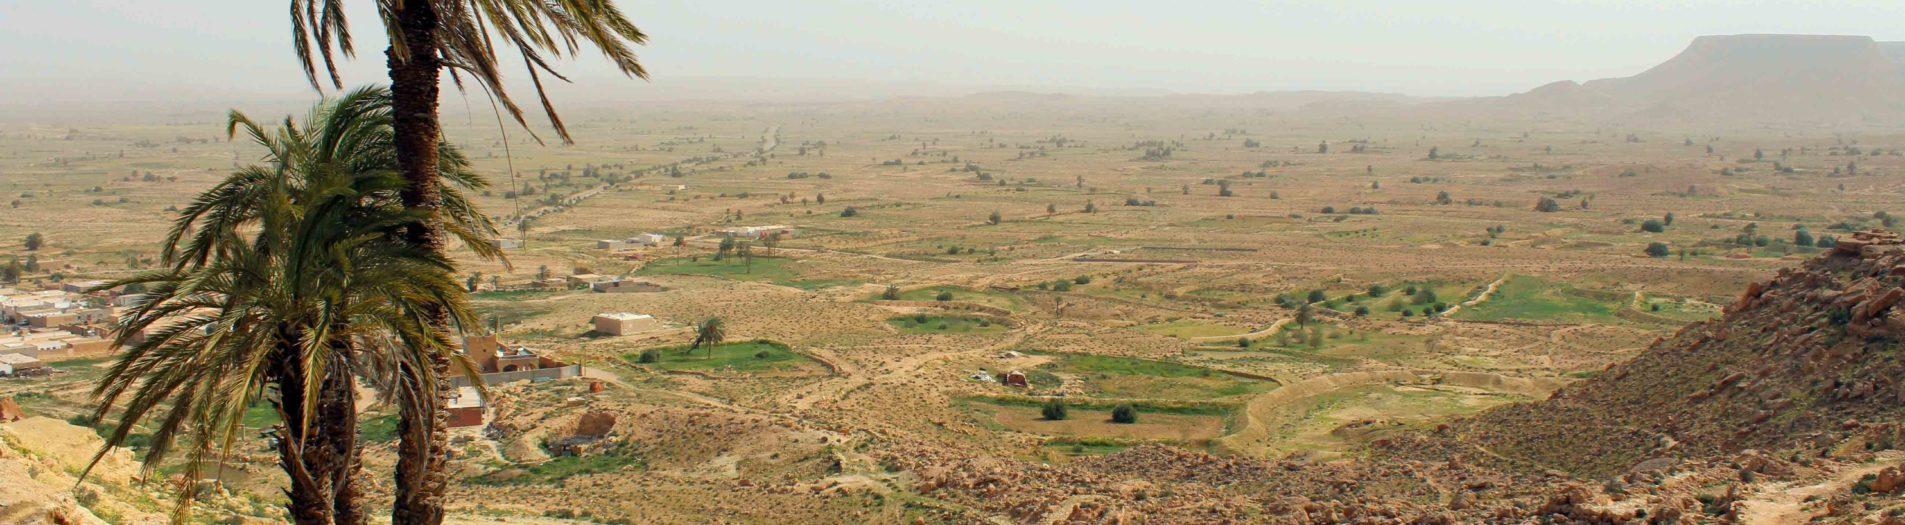 Tataouine, la ville des ksour